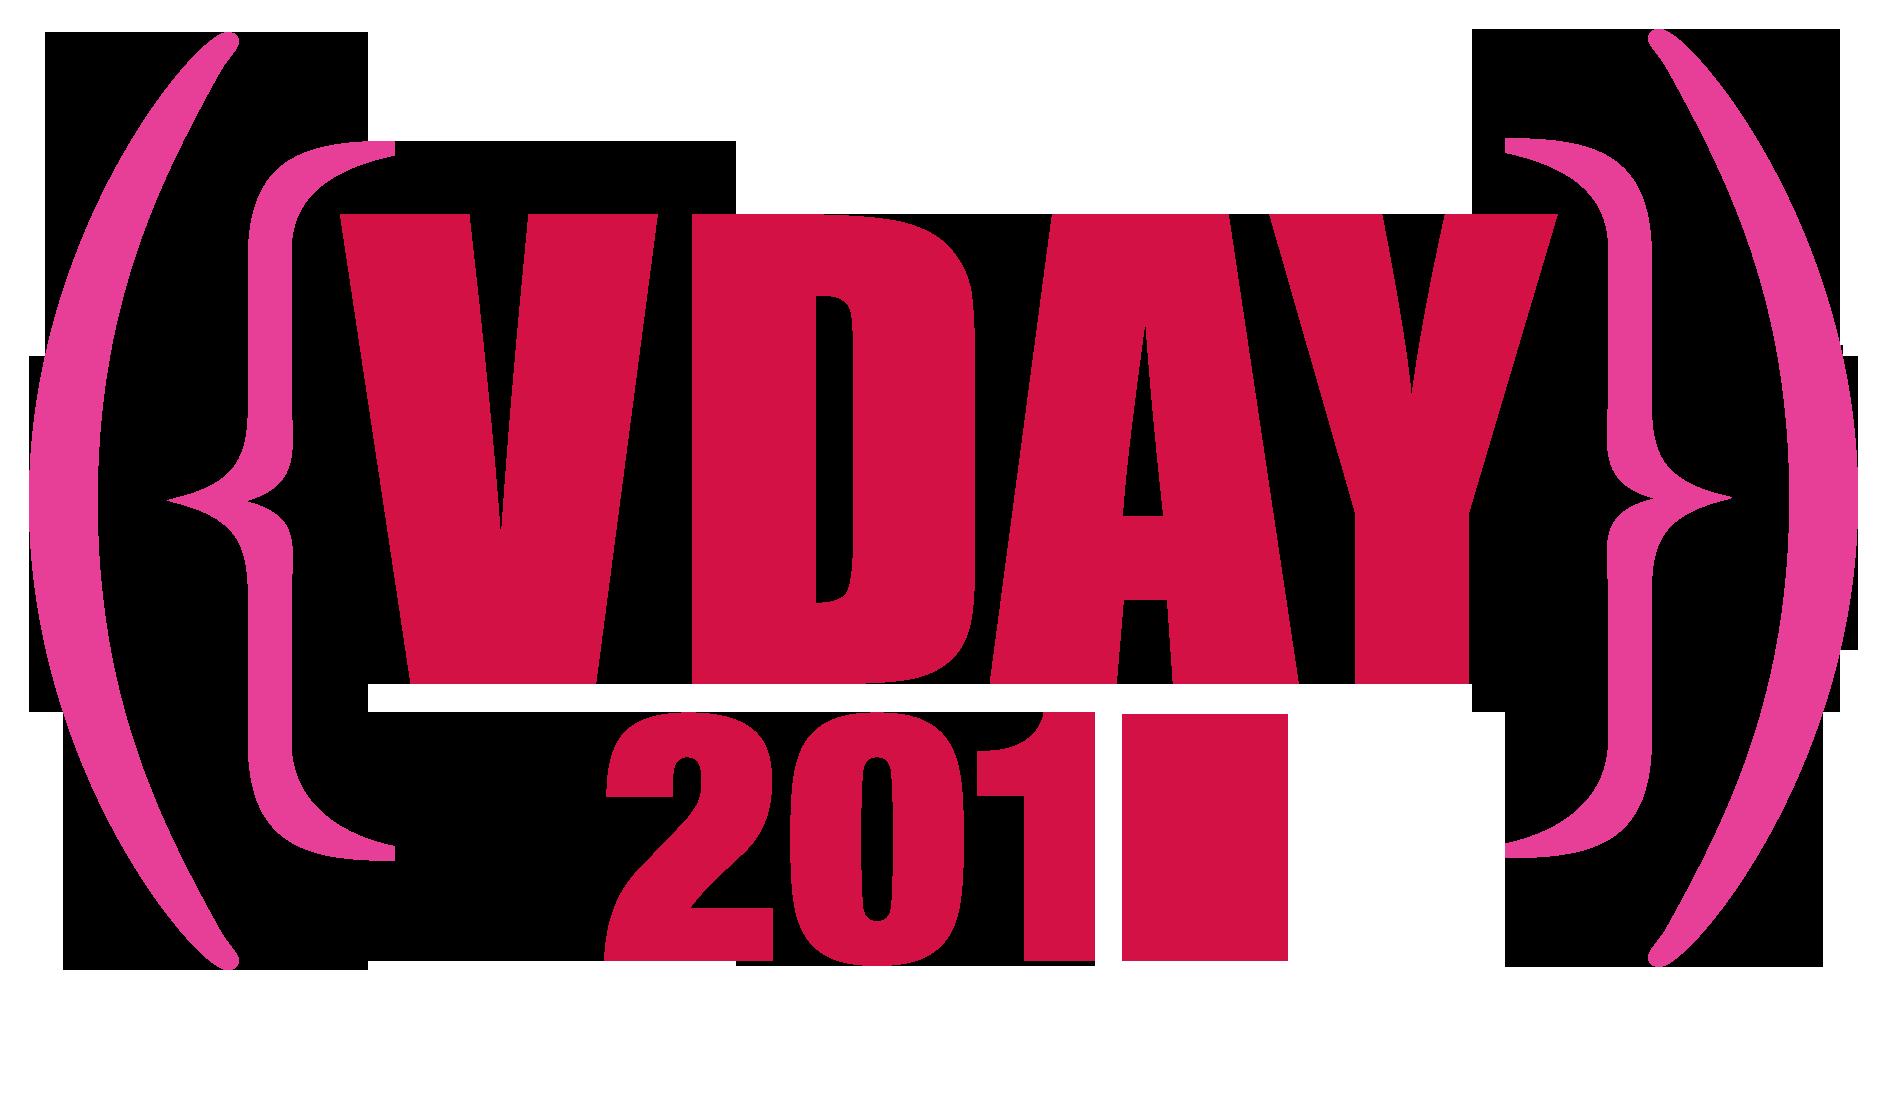 v-day 2017 logo